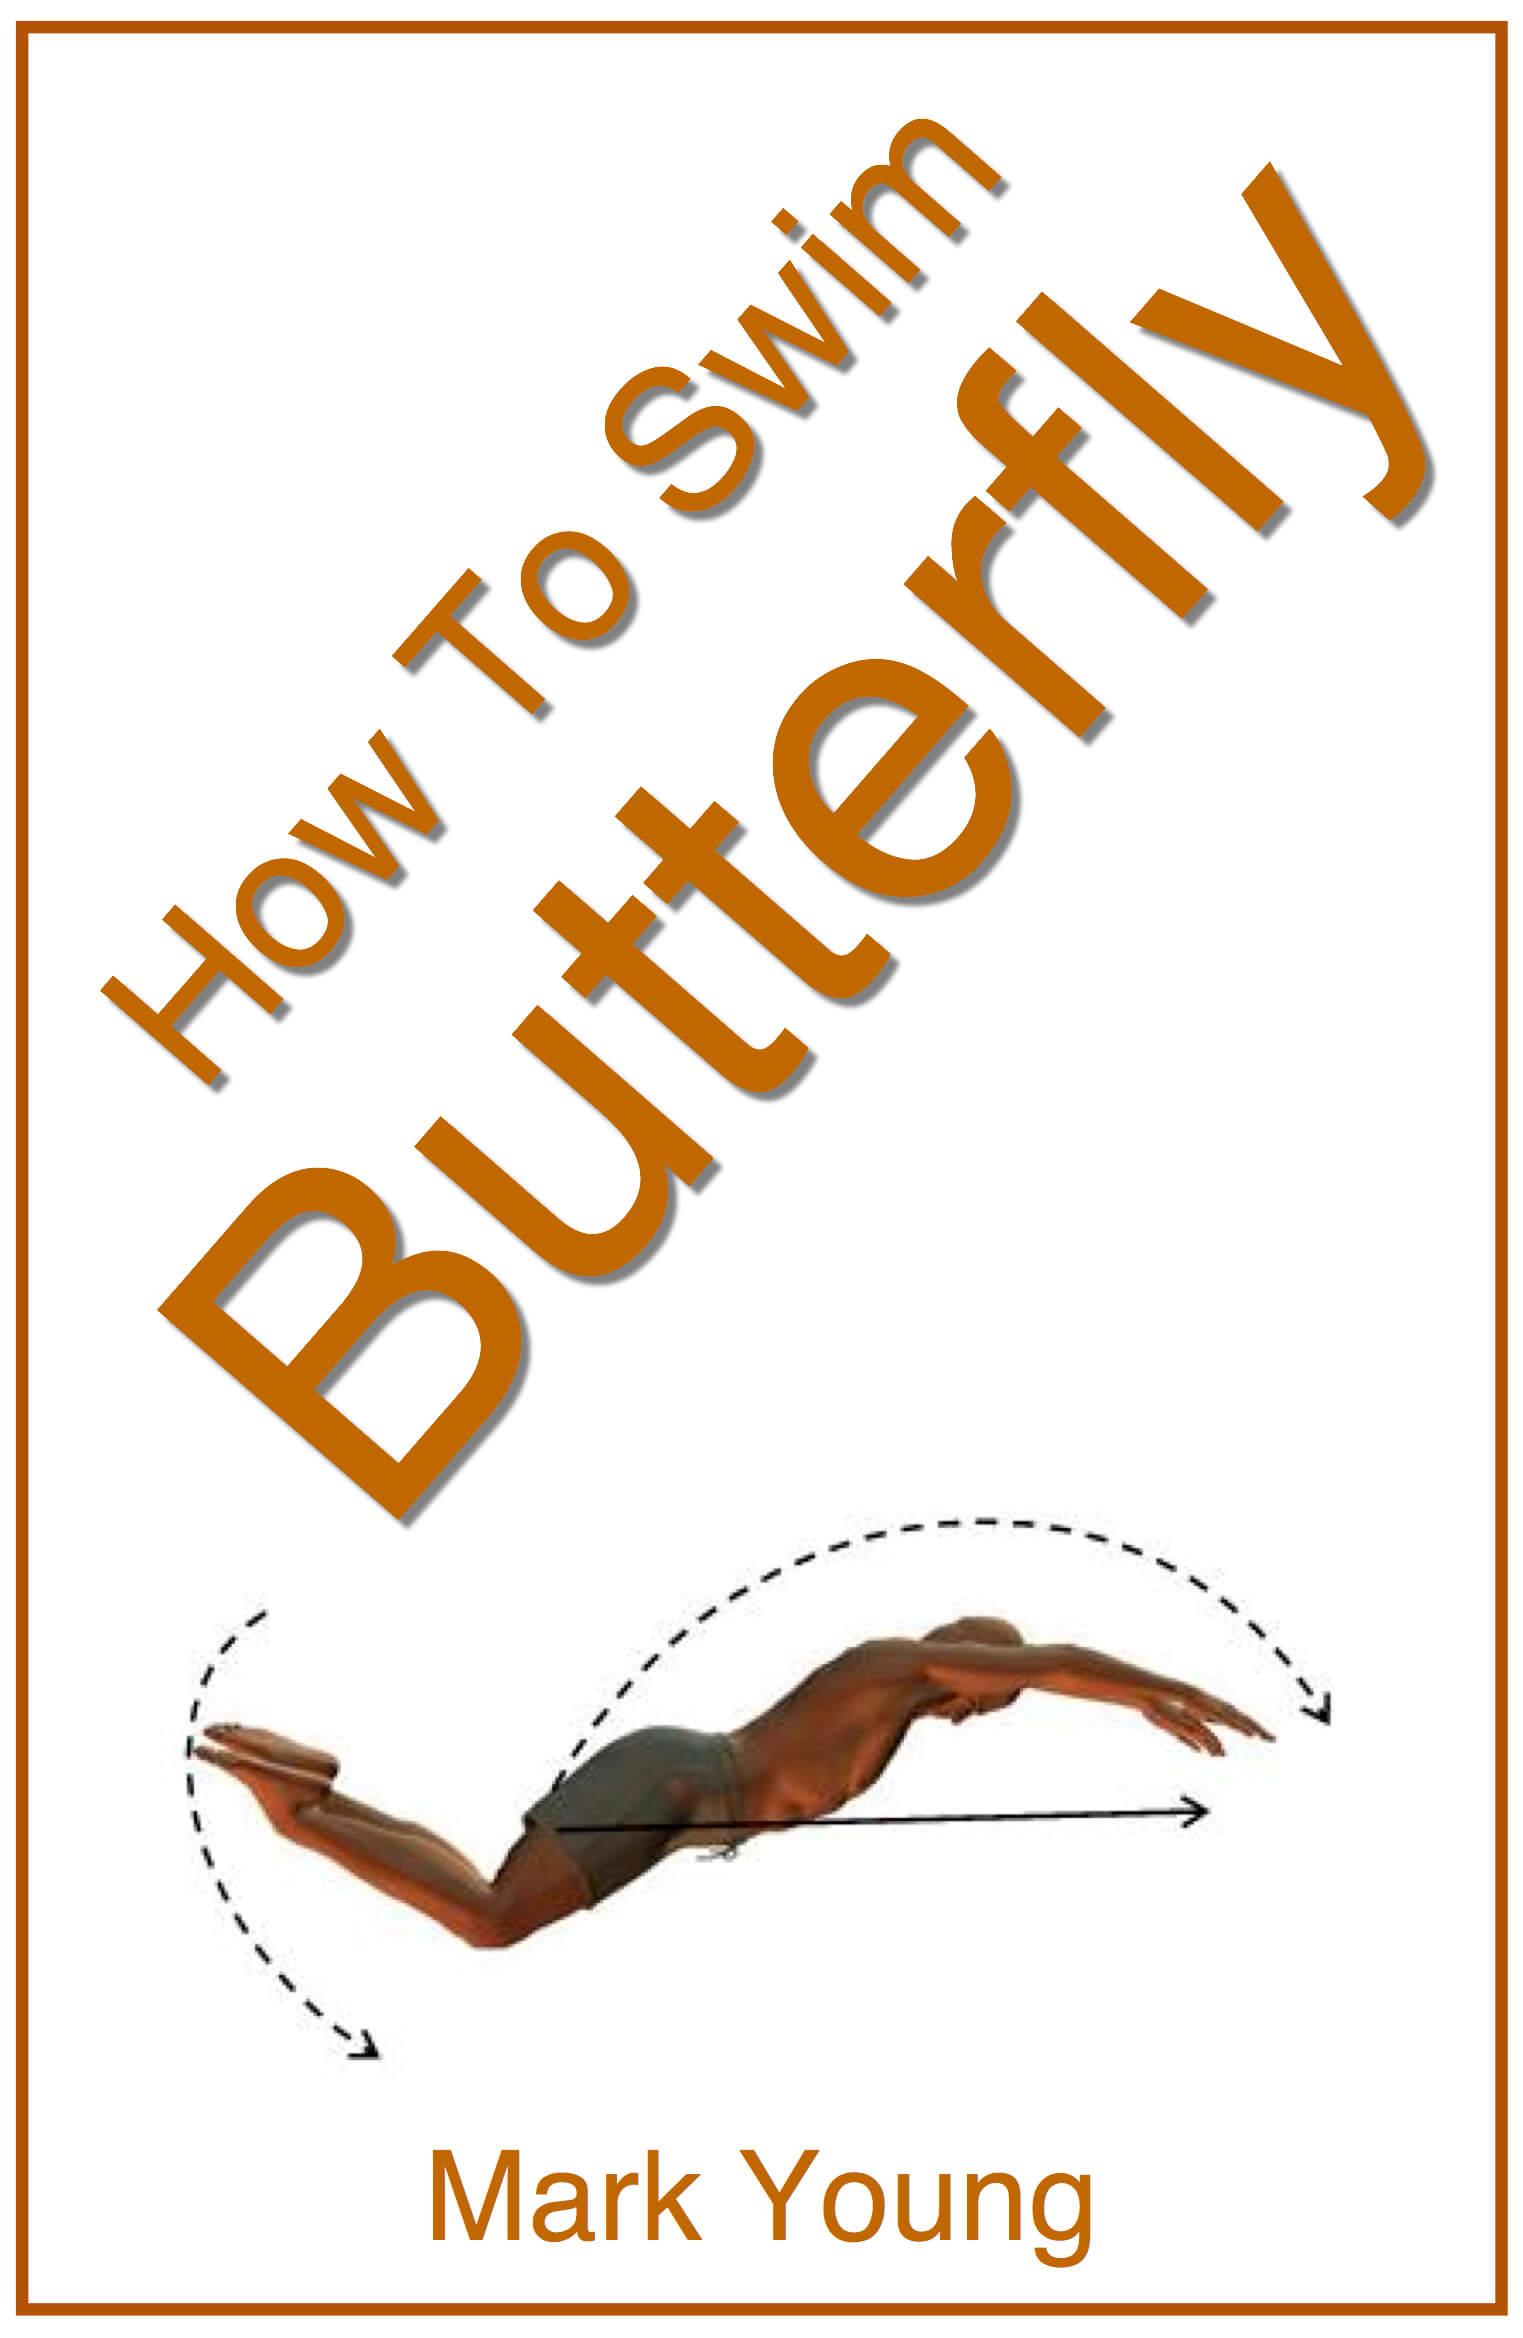 learn butterfly stroke technique